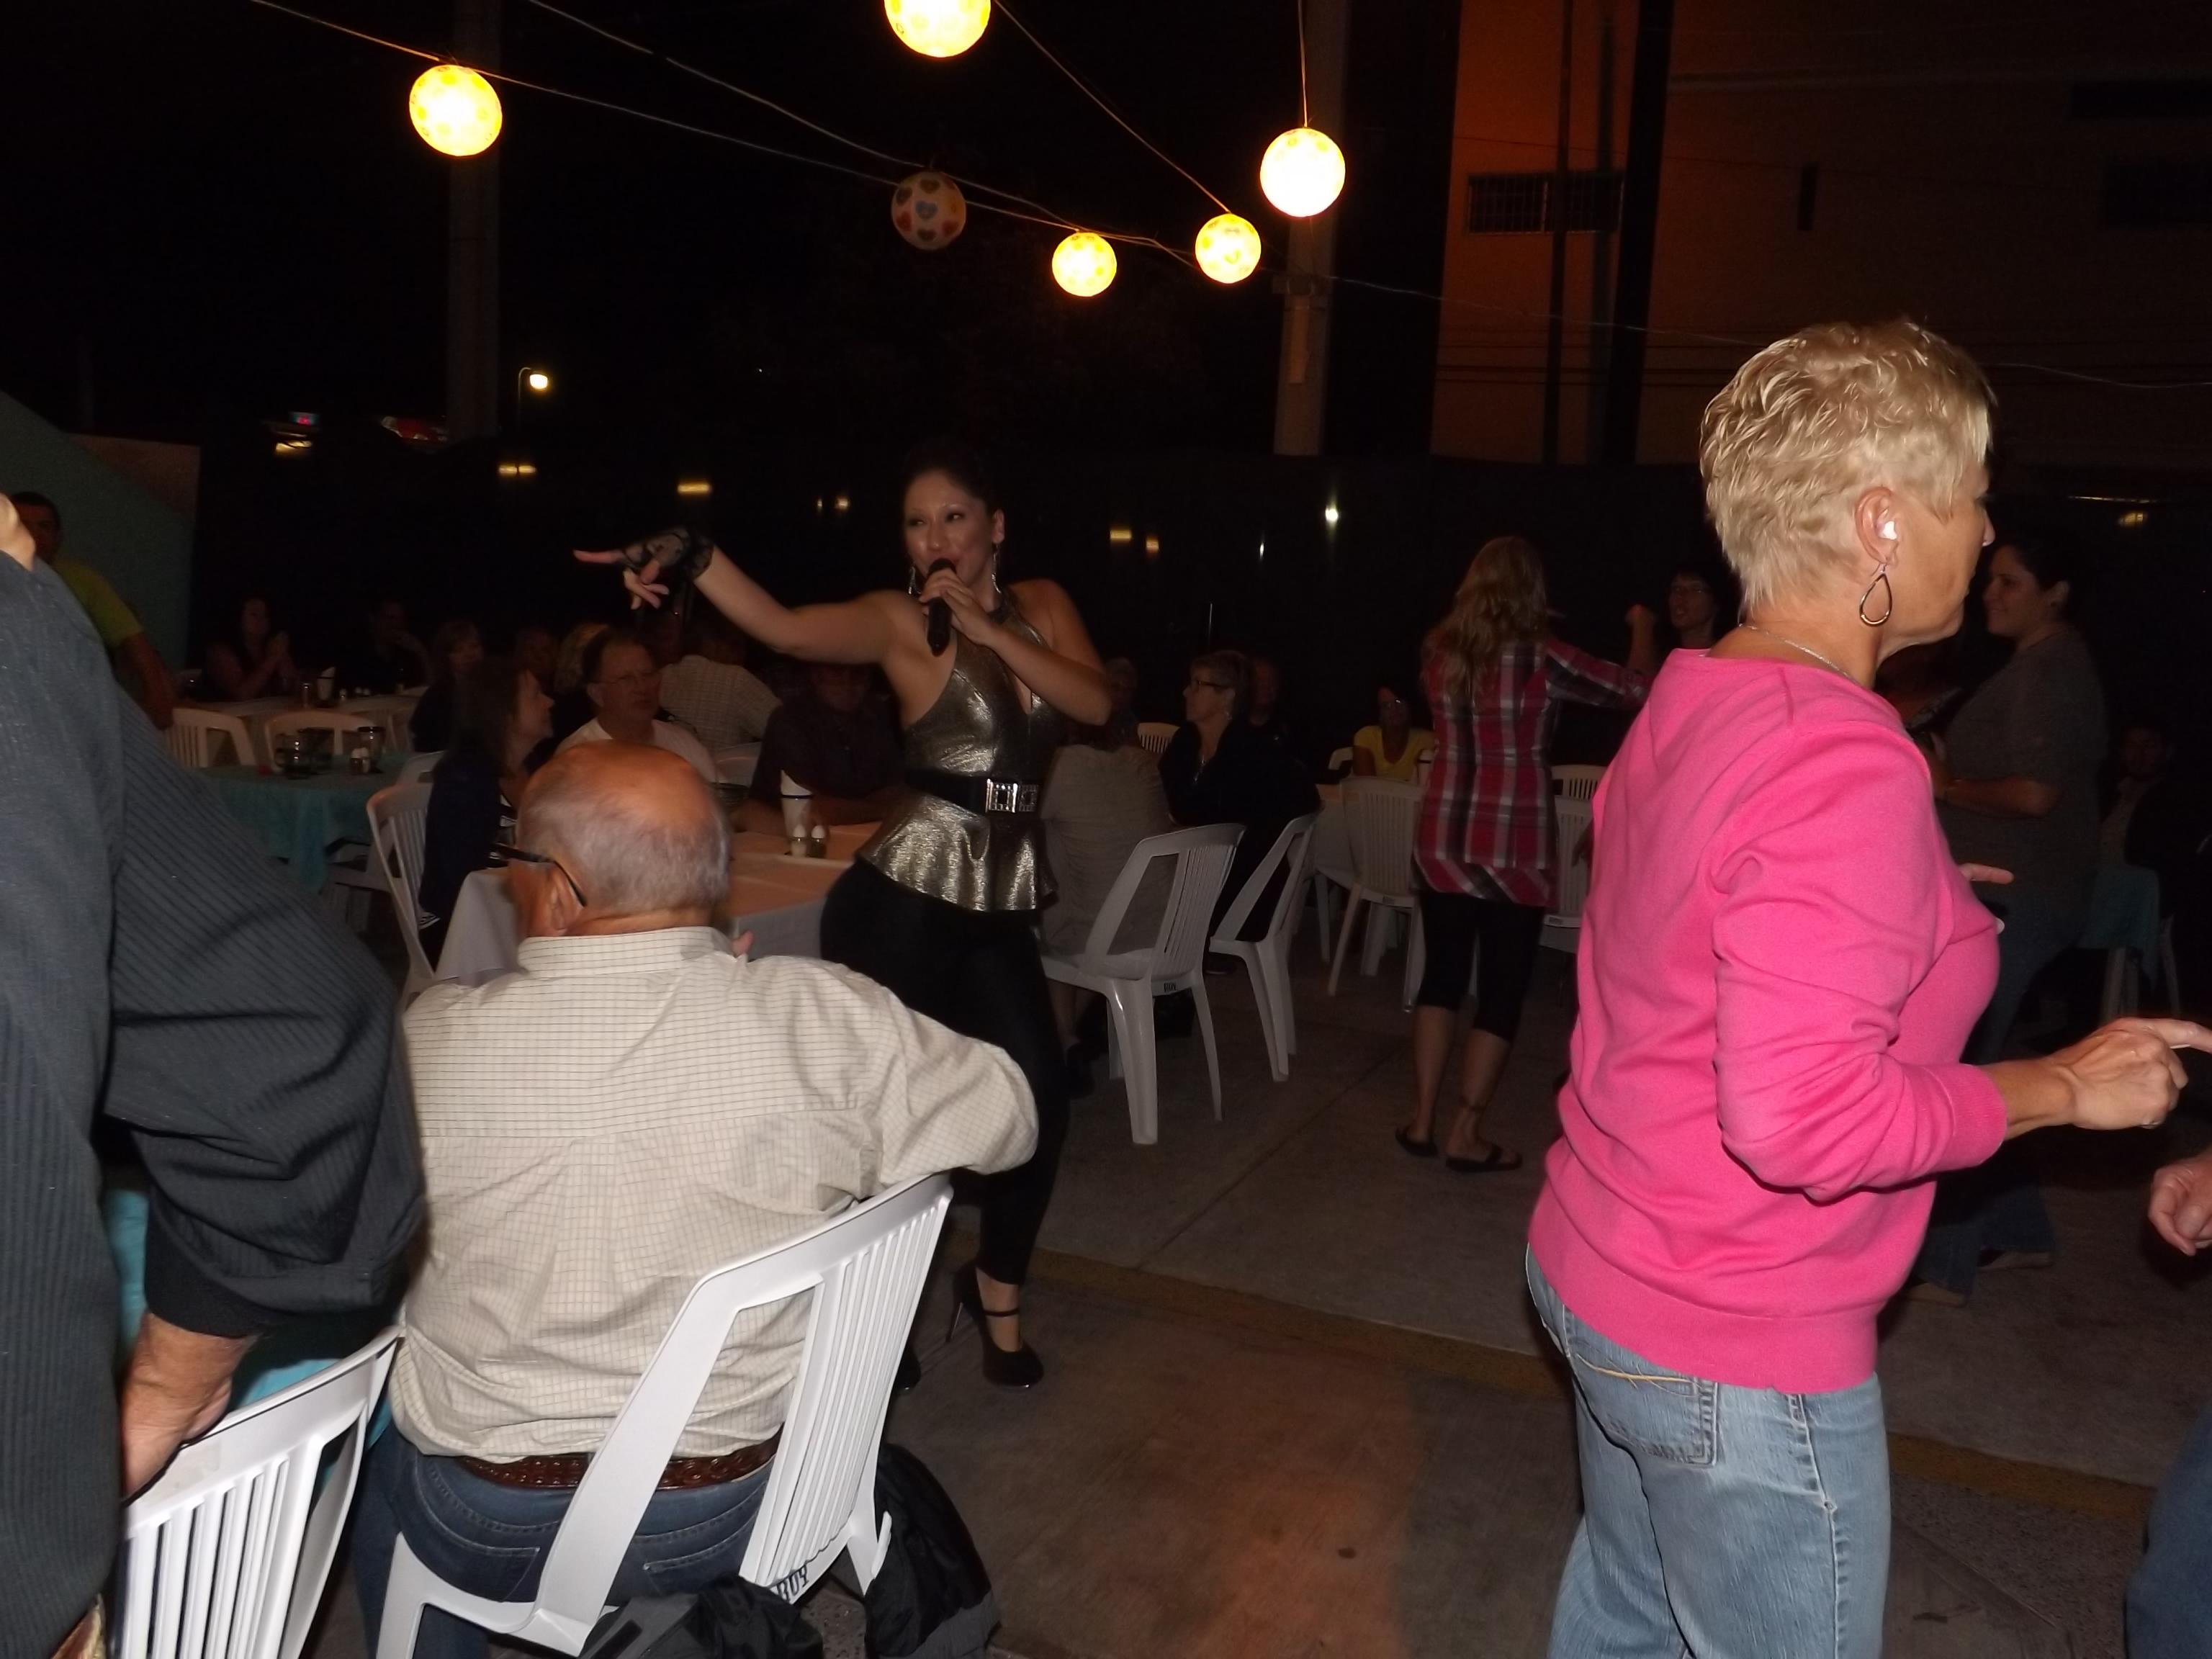 Suki on the dance floor